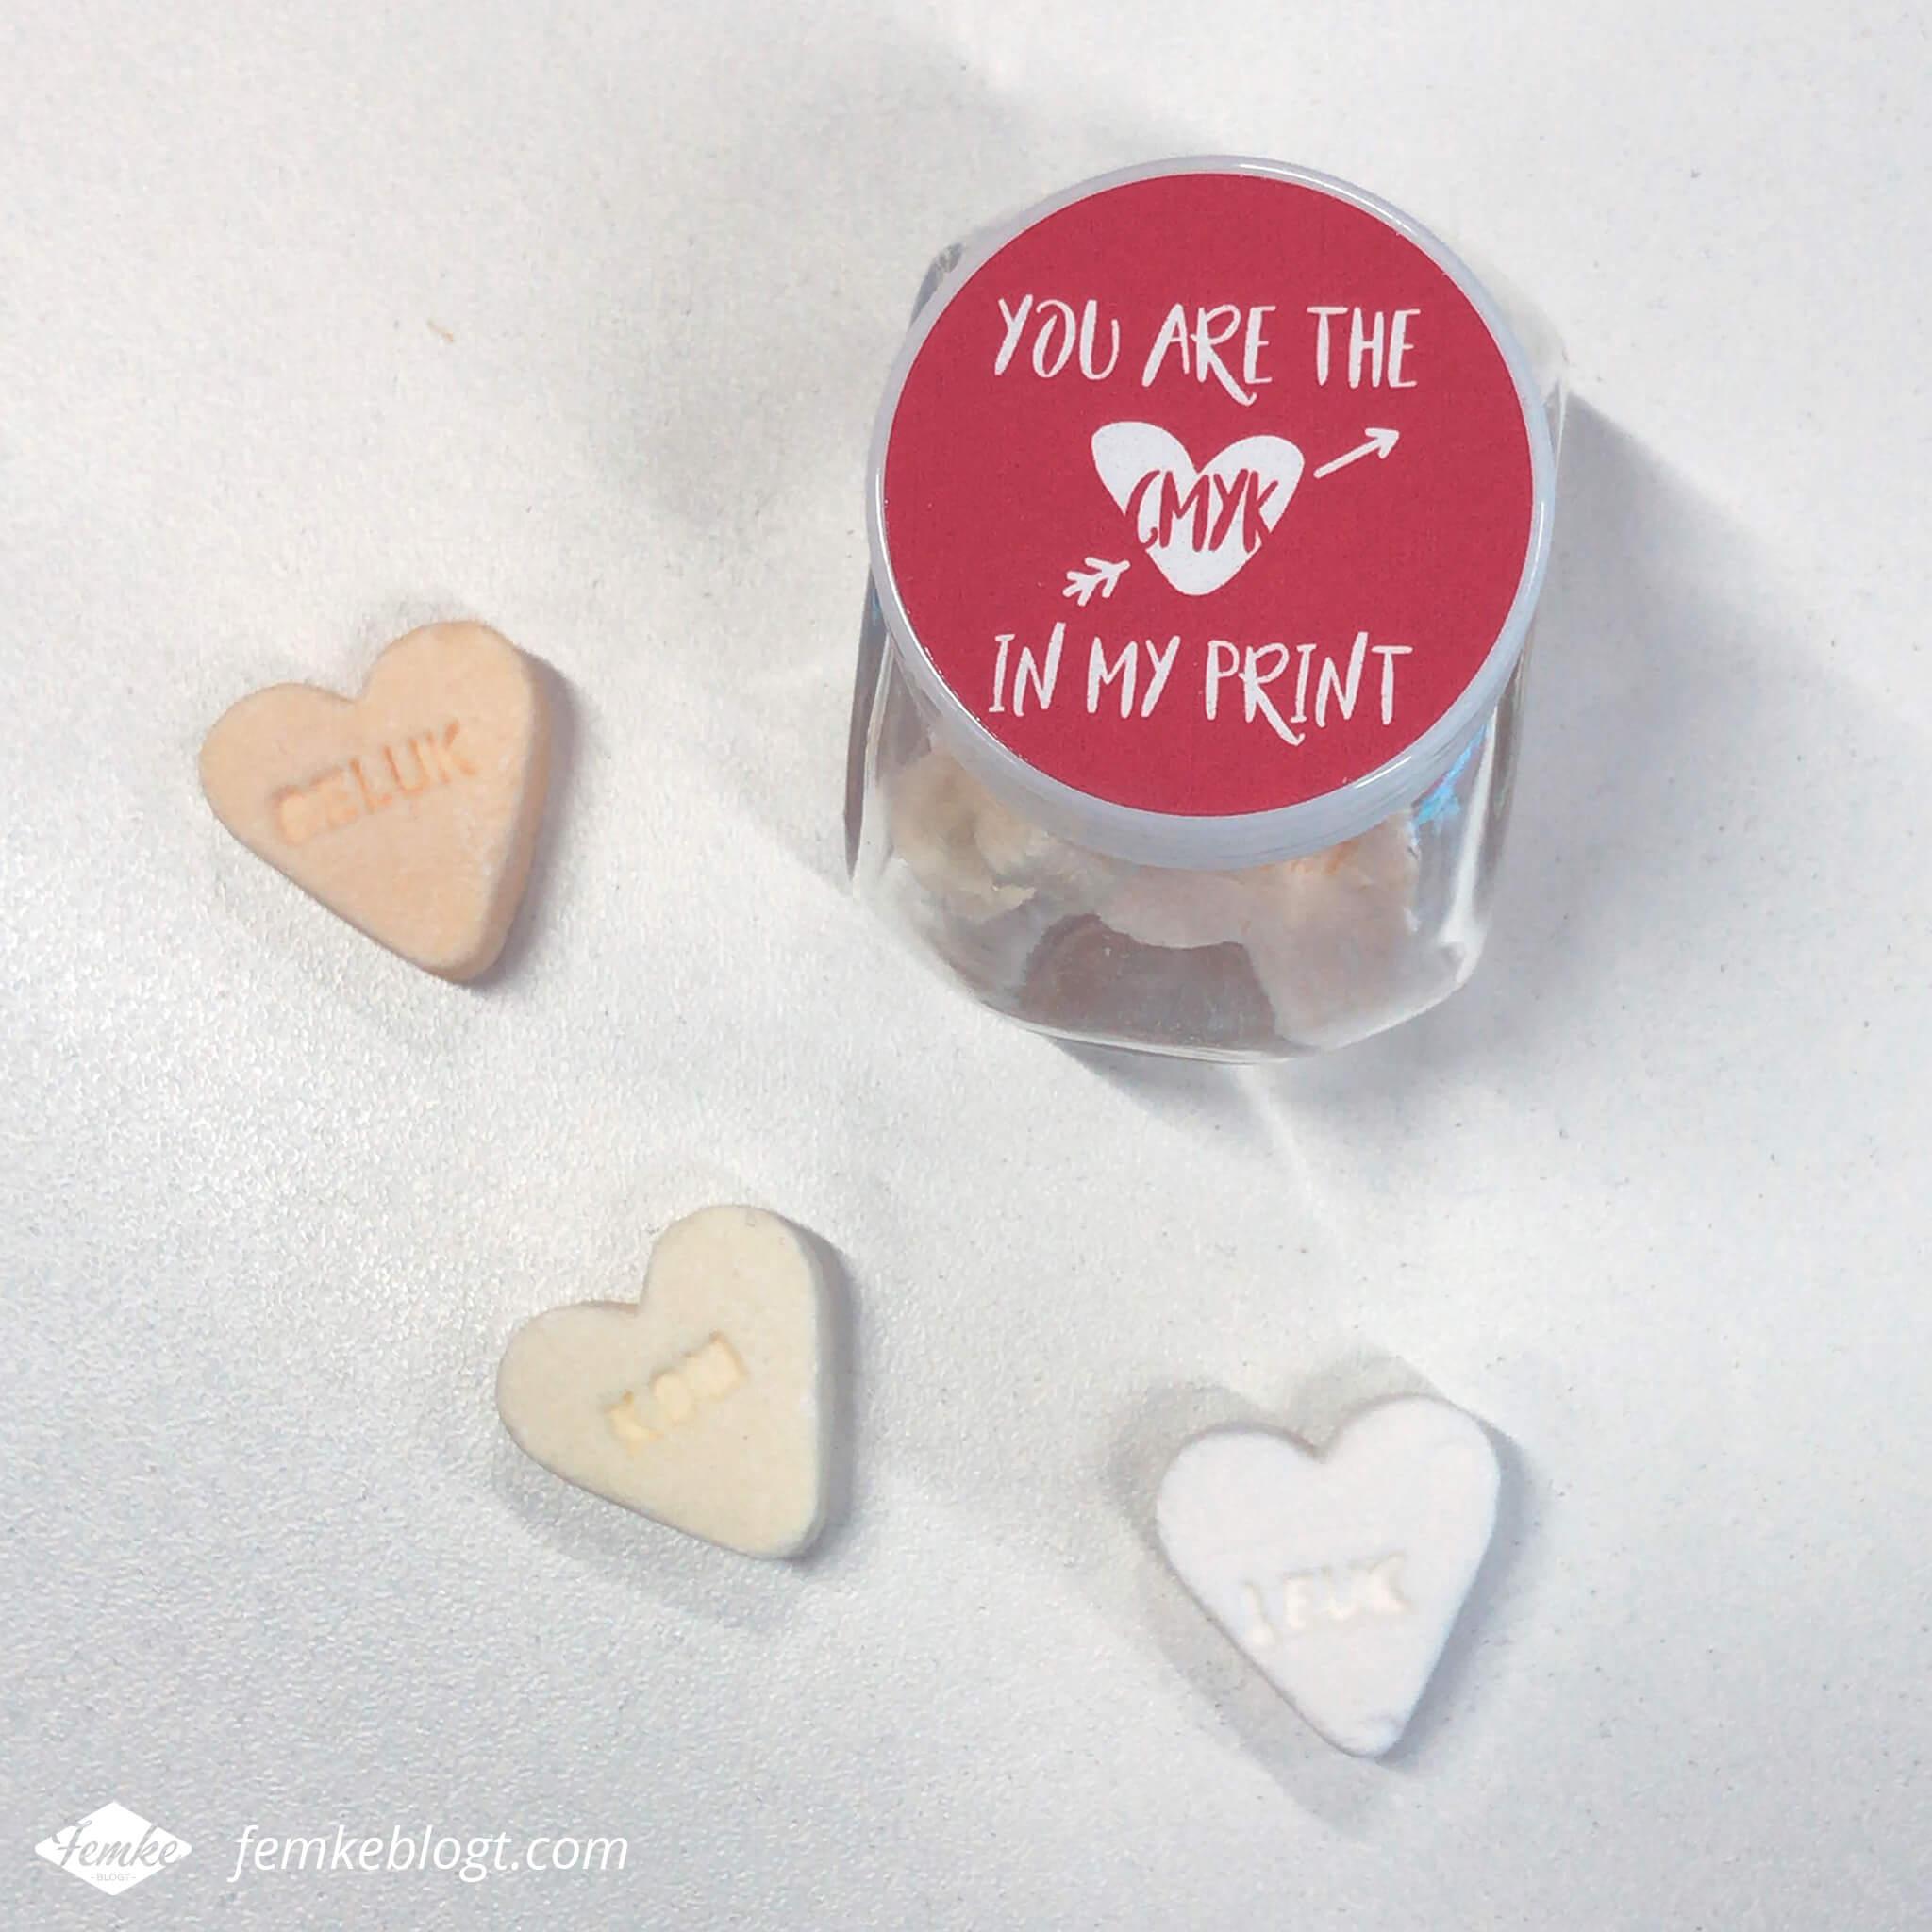 Maandoverzicht februari | Valentijnsdag, You are the CMYK in my print